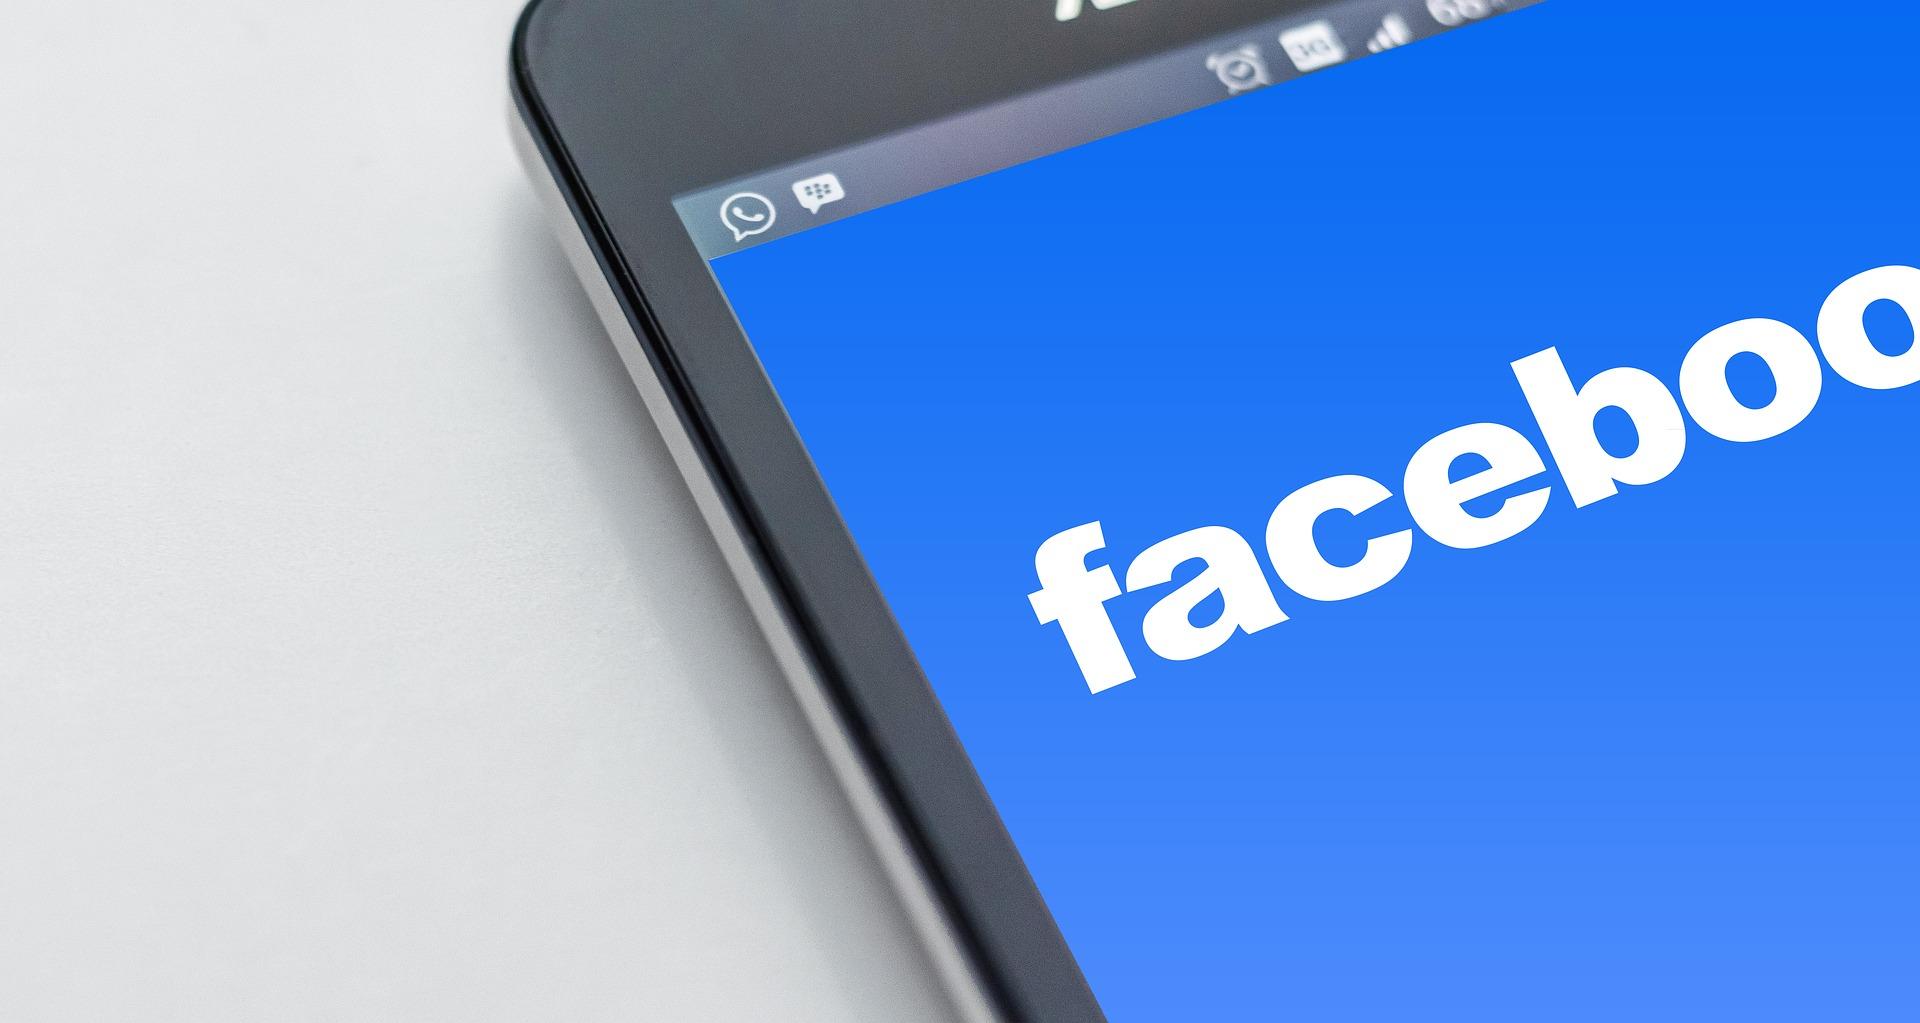 למה כל עסק חייב דף עסקי בפייסבוק?